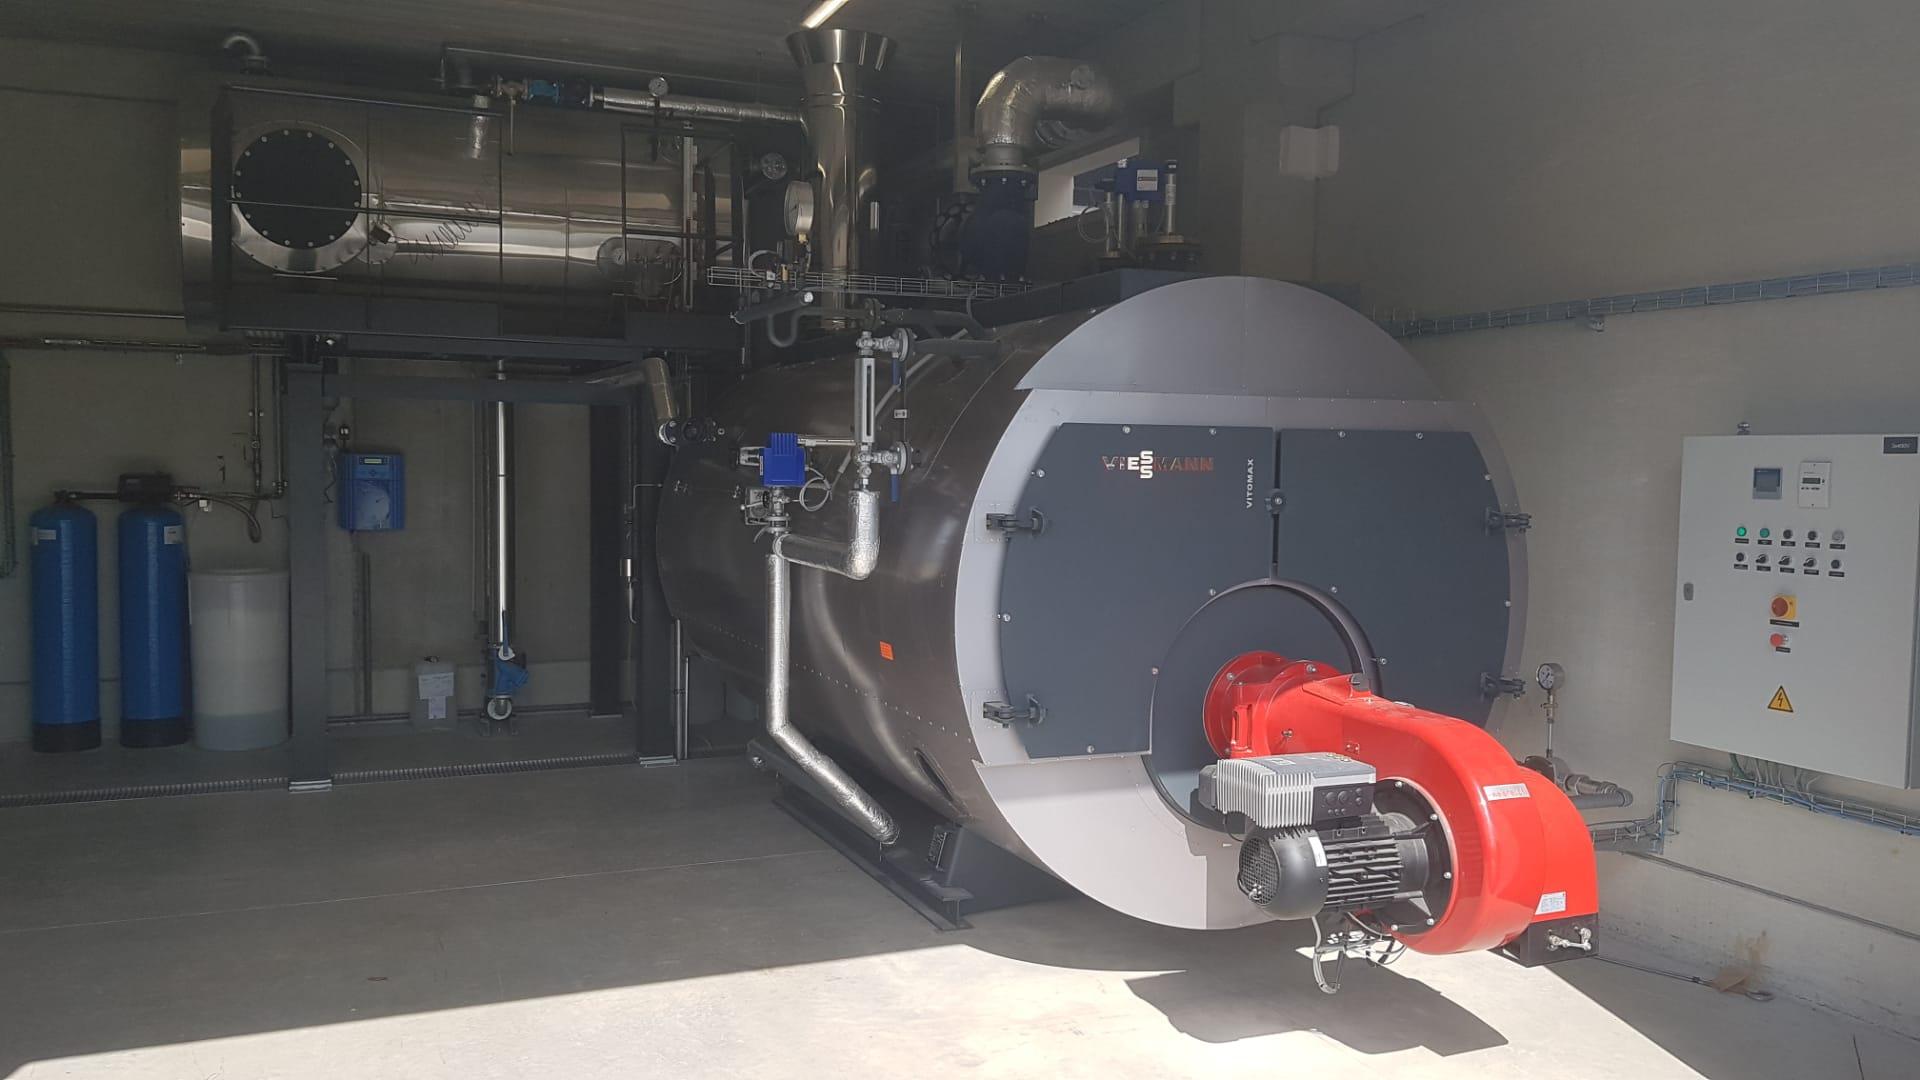 Installatie van een aardgasketel in de Brasserie du Val de Sambre